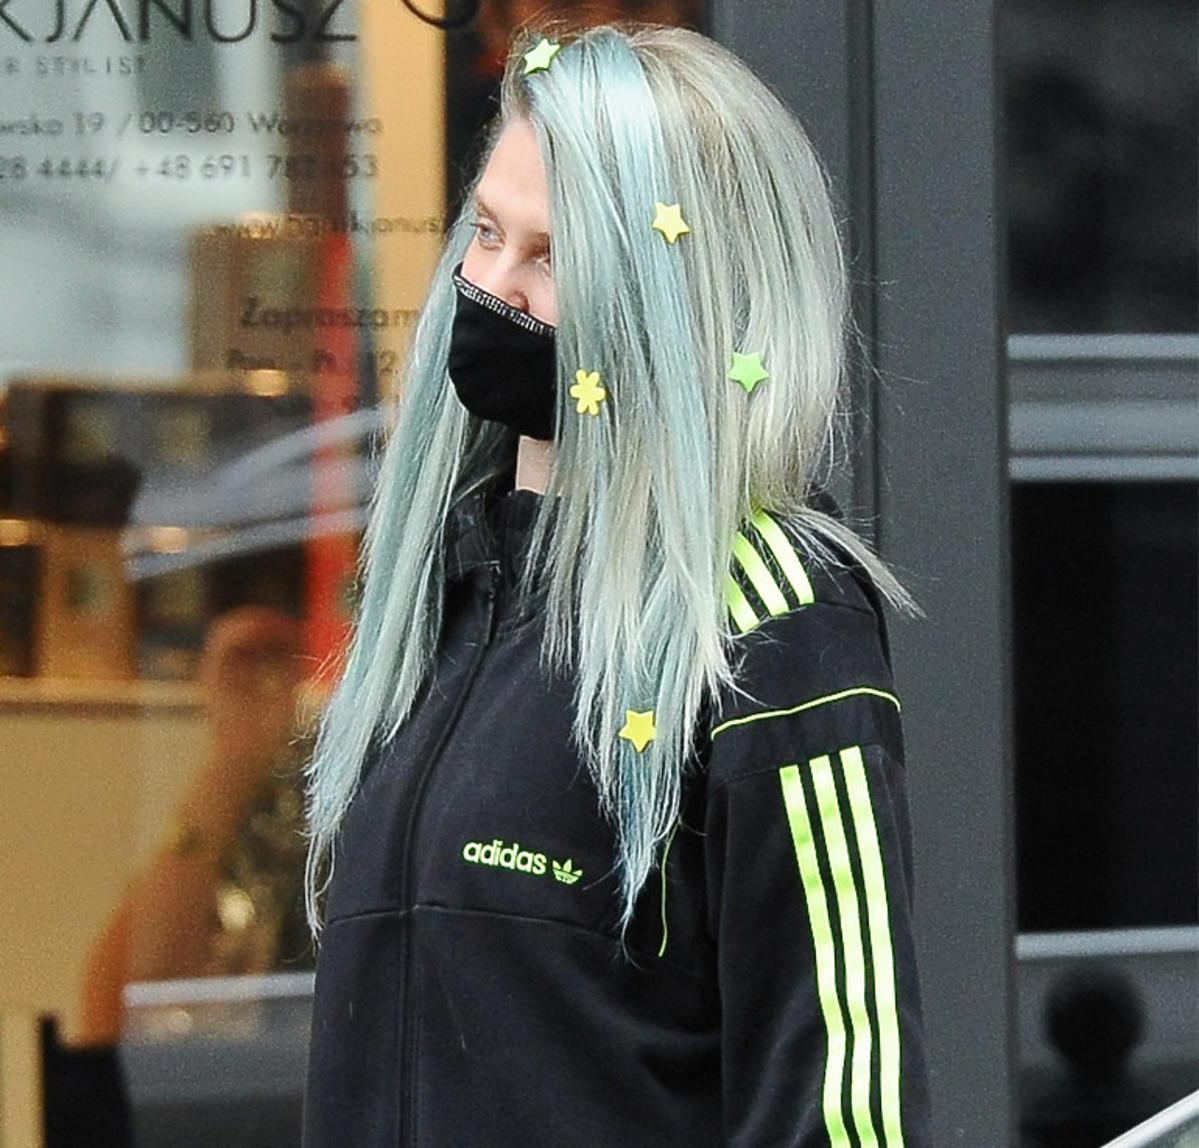 Margaret z zielonymi włosami